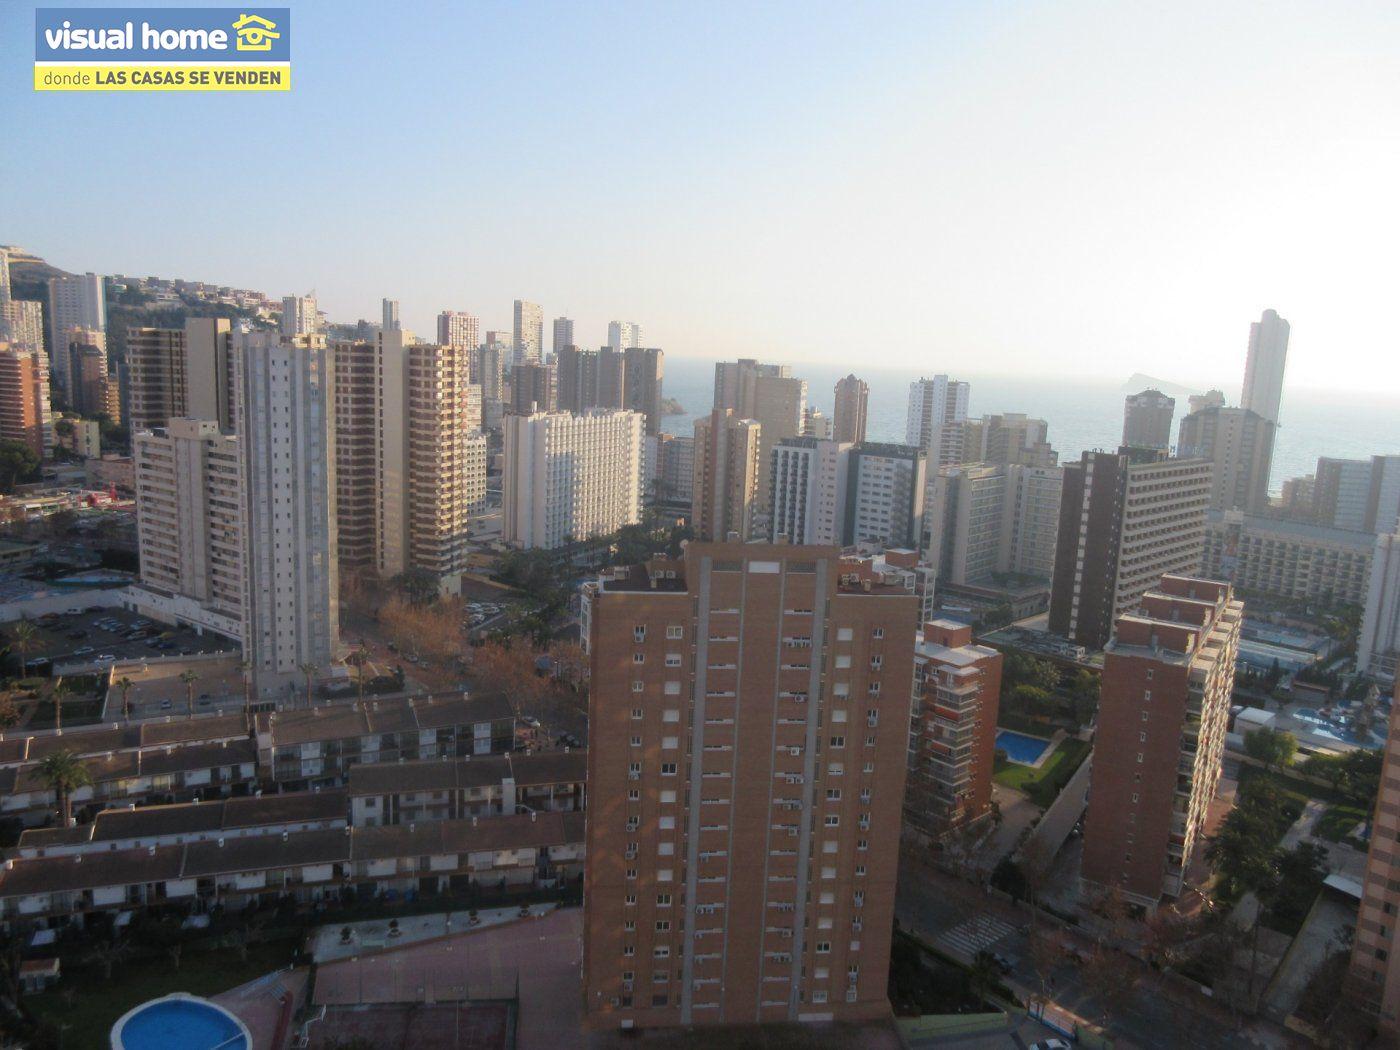 Apartamento 1 dormitorio con vistas espectaculares con parking y piscina en Rincón de Loix llano